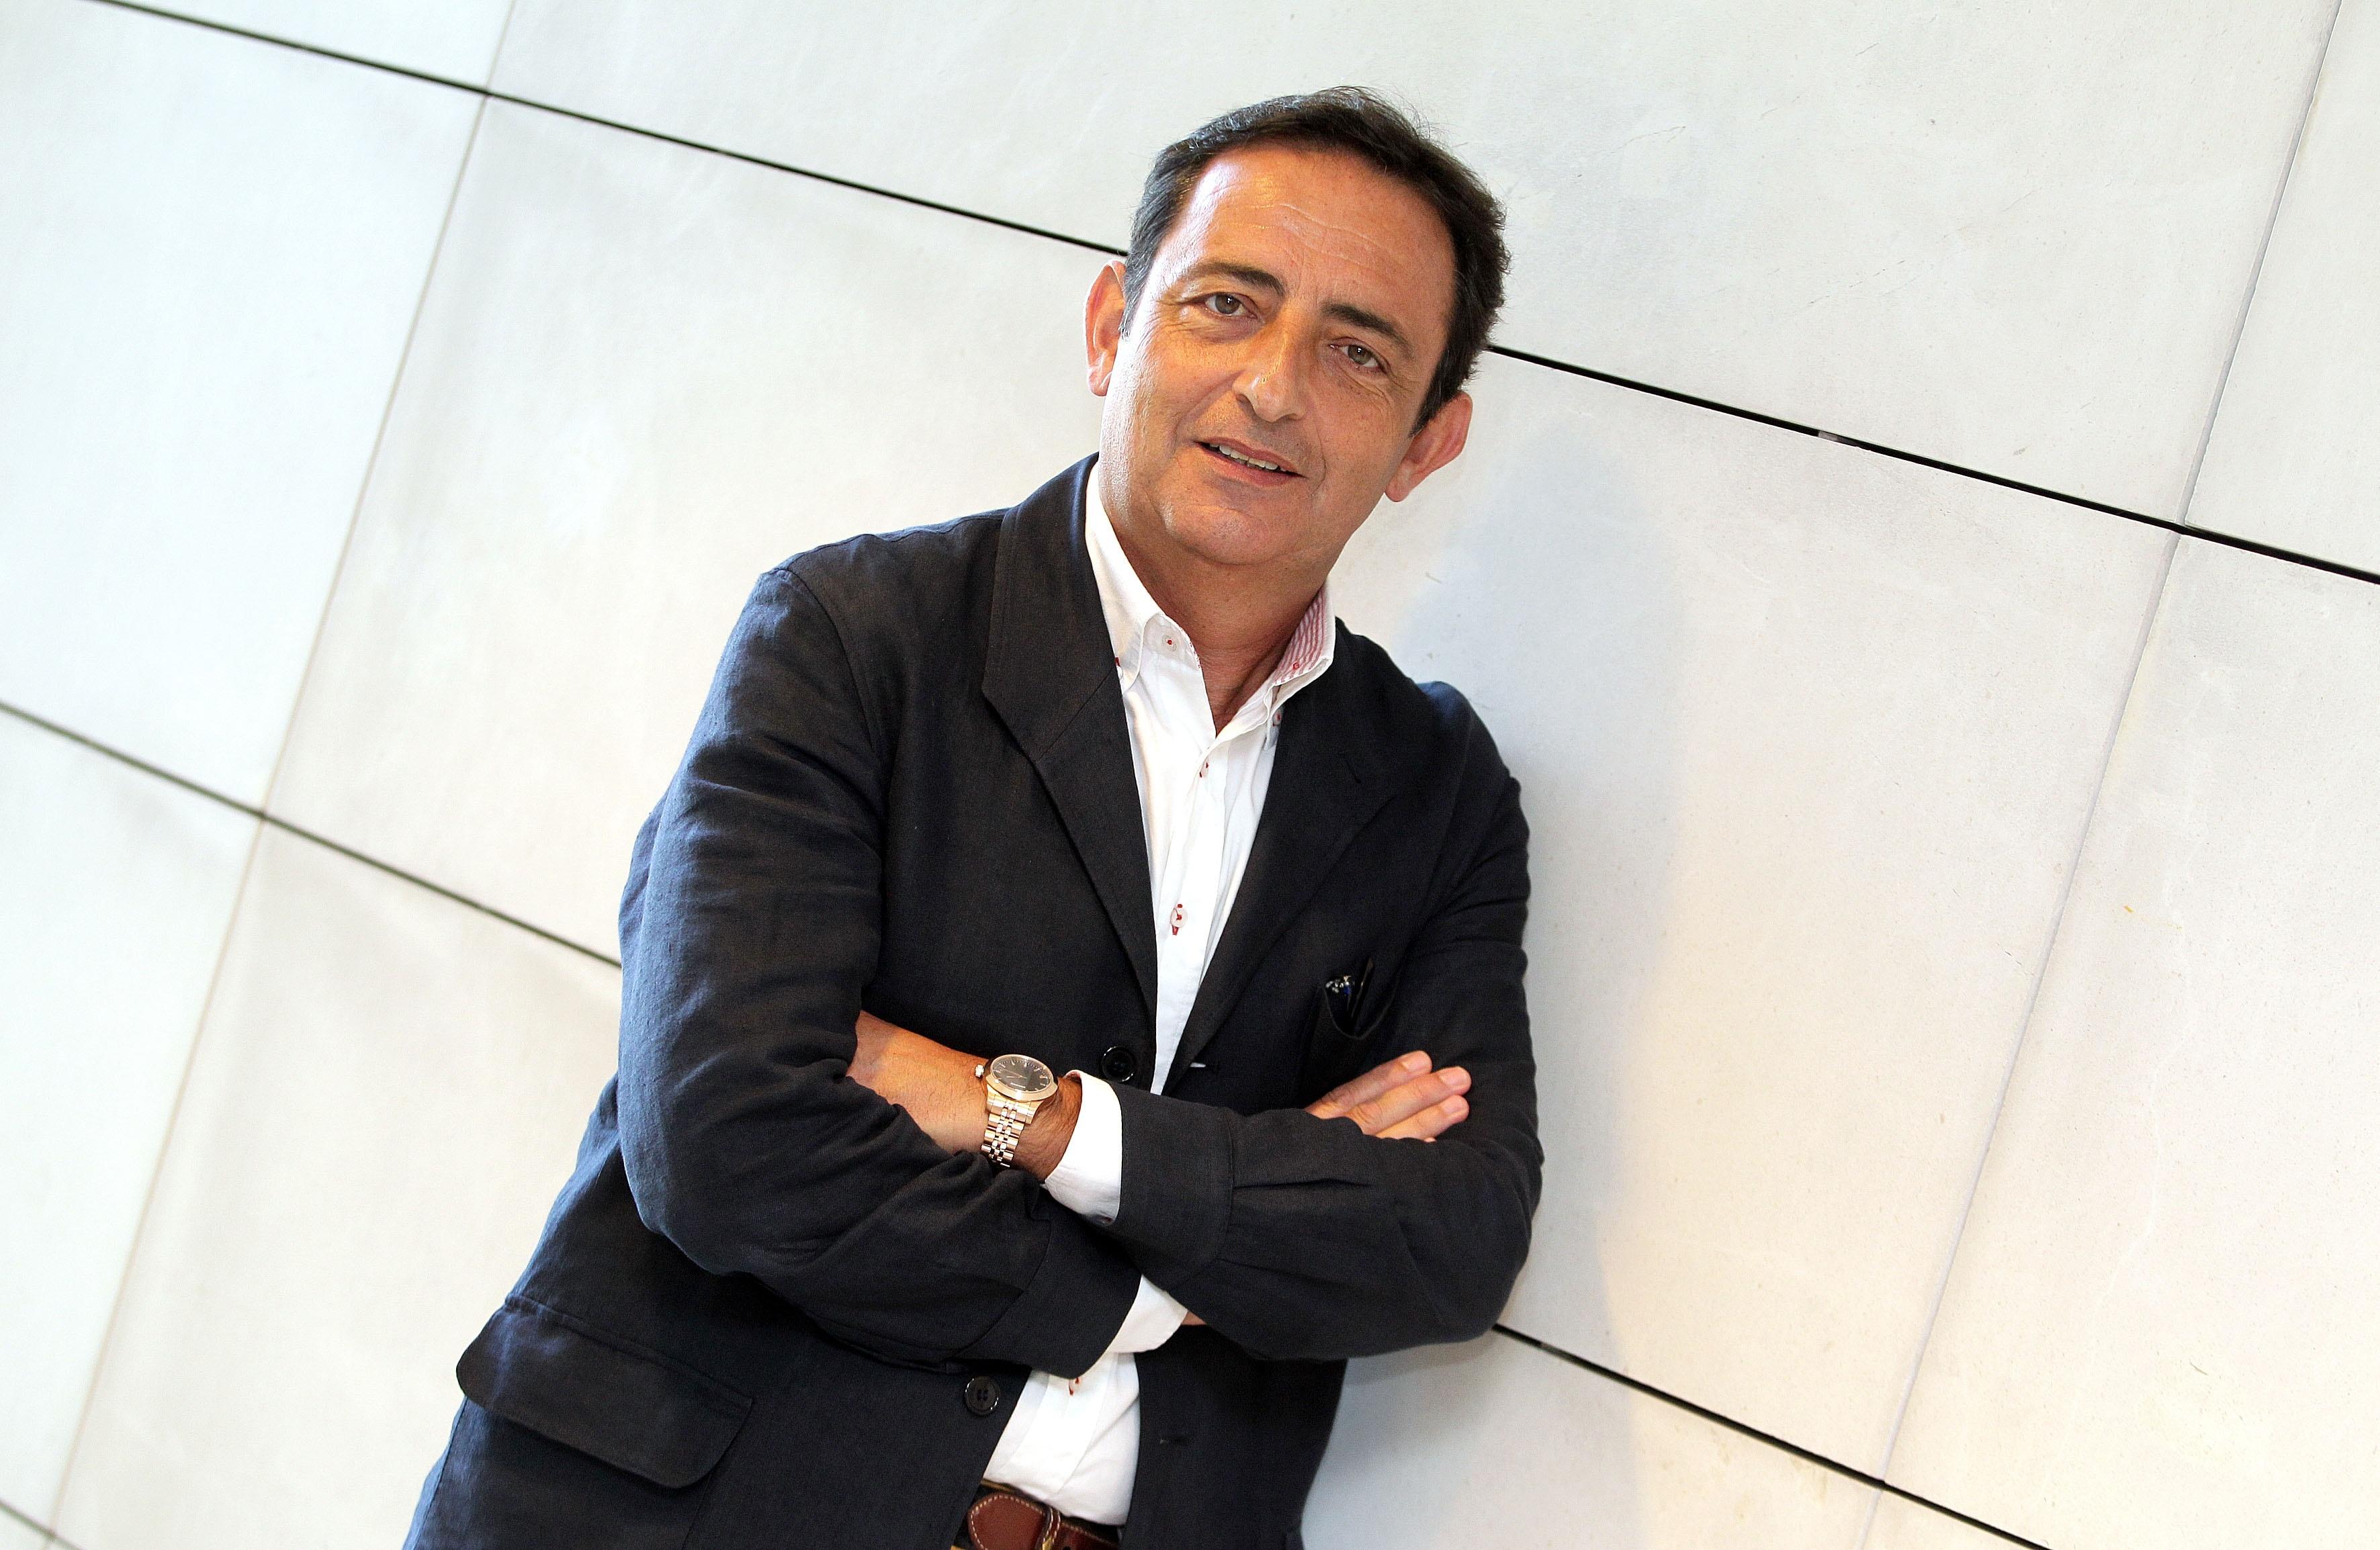 El doctor José Antonio López Trigo, nuevo presidente de la Sociedad Española de Geriatría y Gerontología